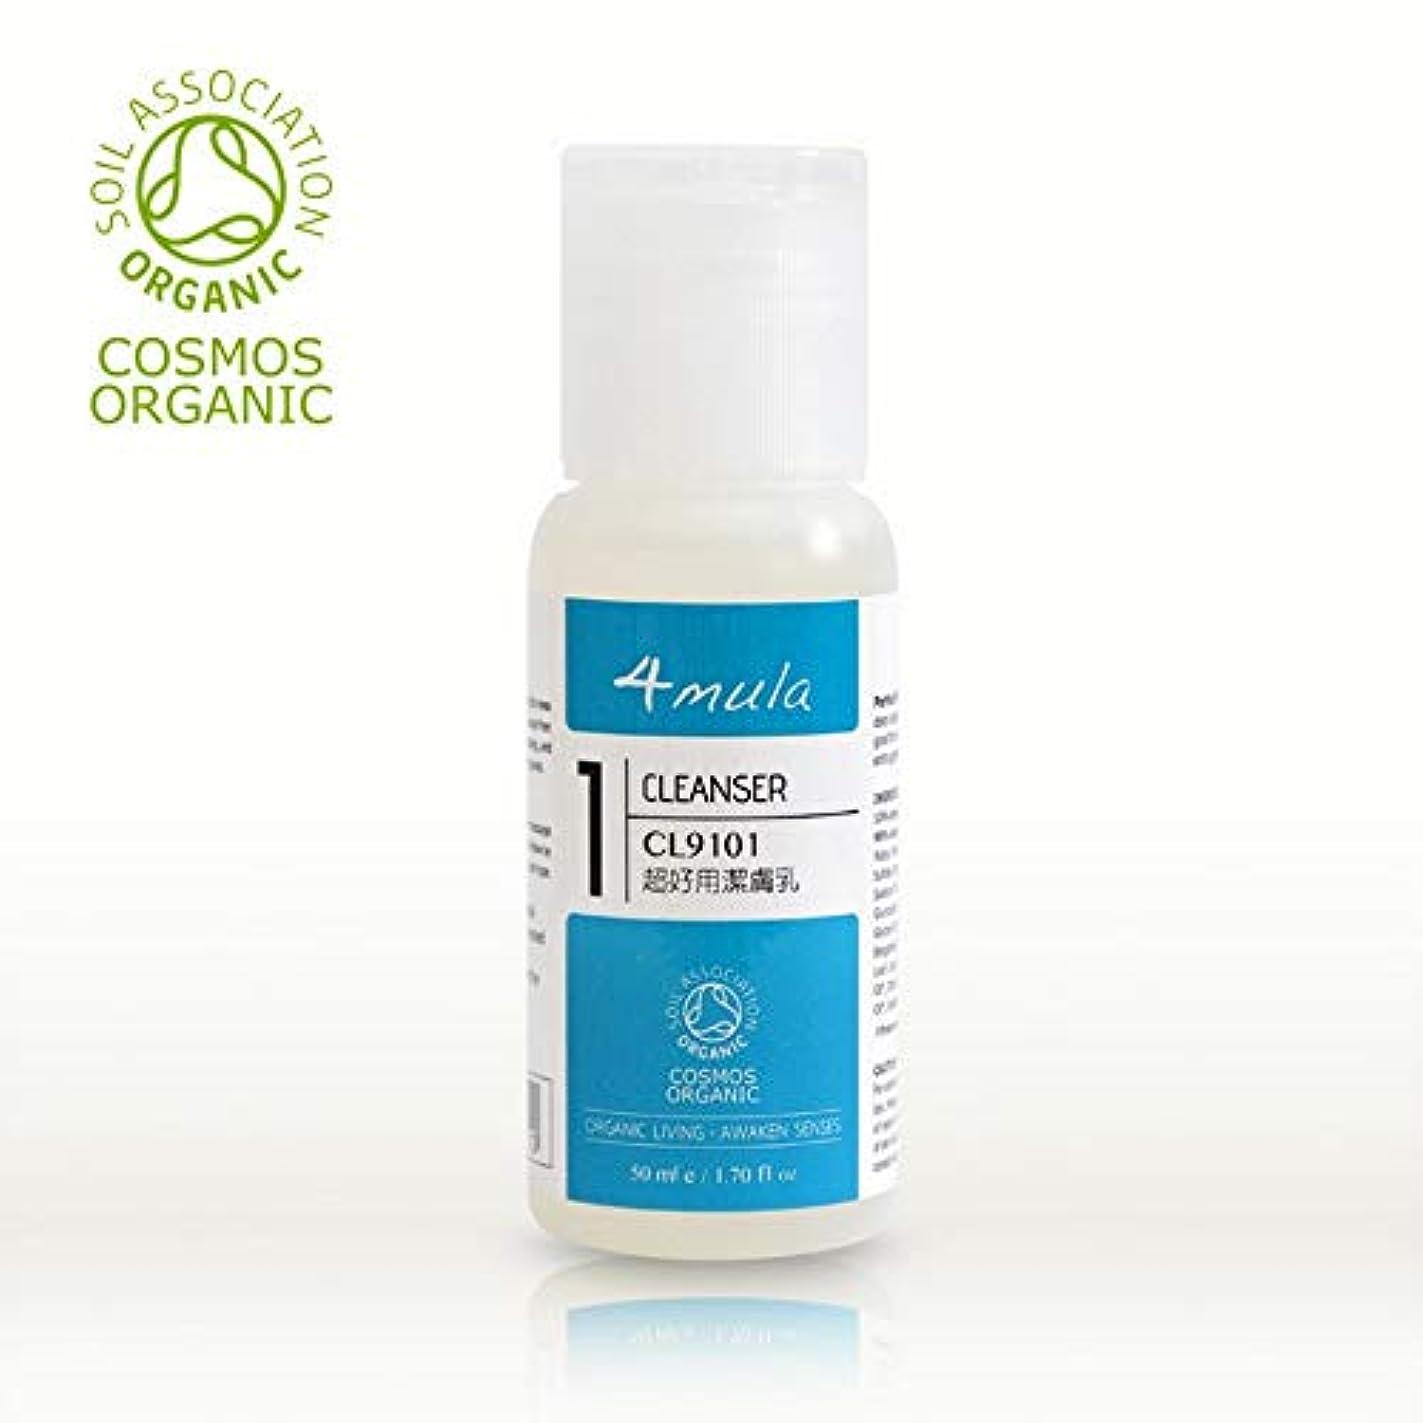 手配するレタス正しくCL9101 超好用潔膚乳 PERFECT WASH CL9101 50ml/1.70 fl oz